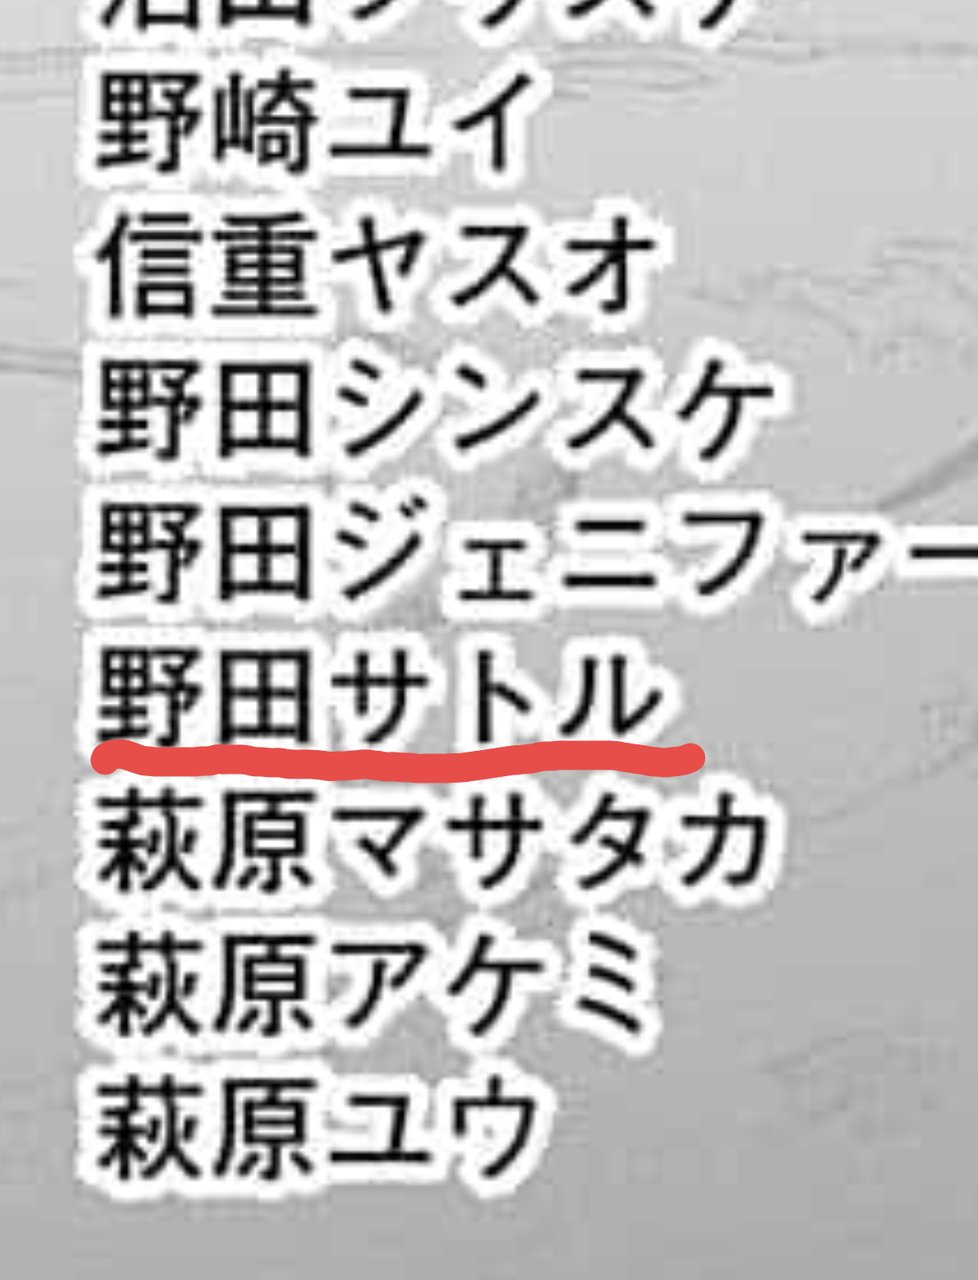 悪魔 支配 の 【大朗報!?】闇天皇や安倍、麻生、その他多数の悪魔支配の闇社会のお金は全て量子金融システムリセットされる それが還元され、日本国民には一人当たり1億6千万円の給付: